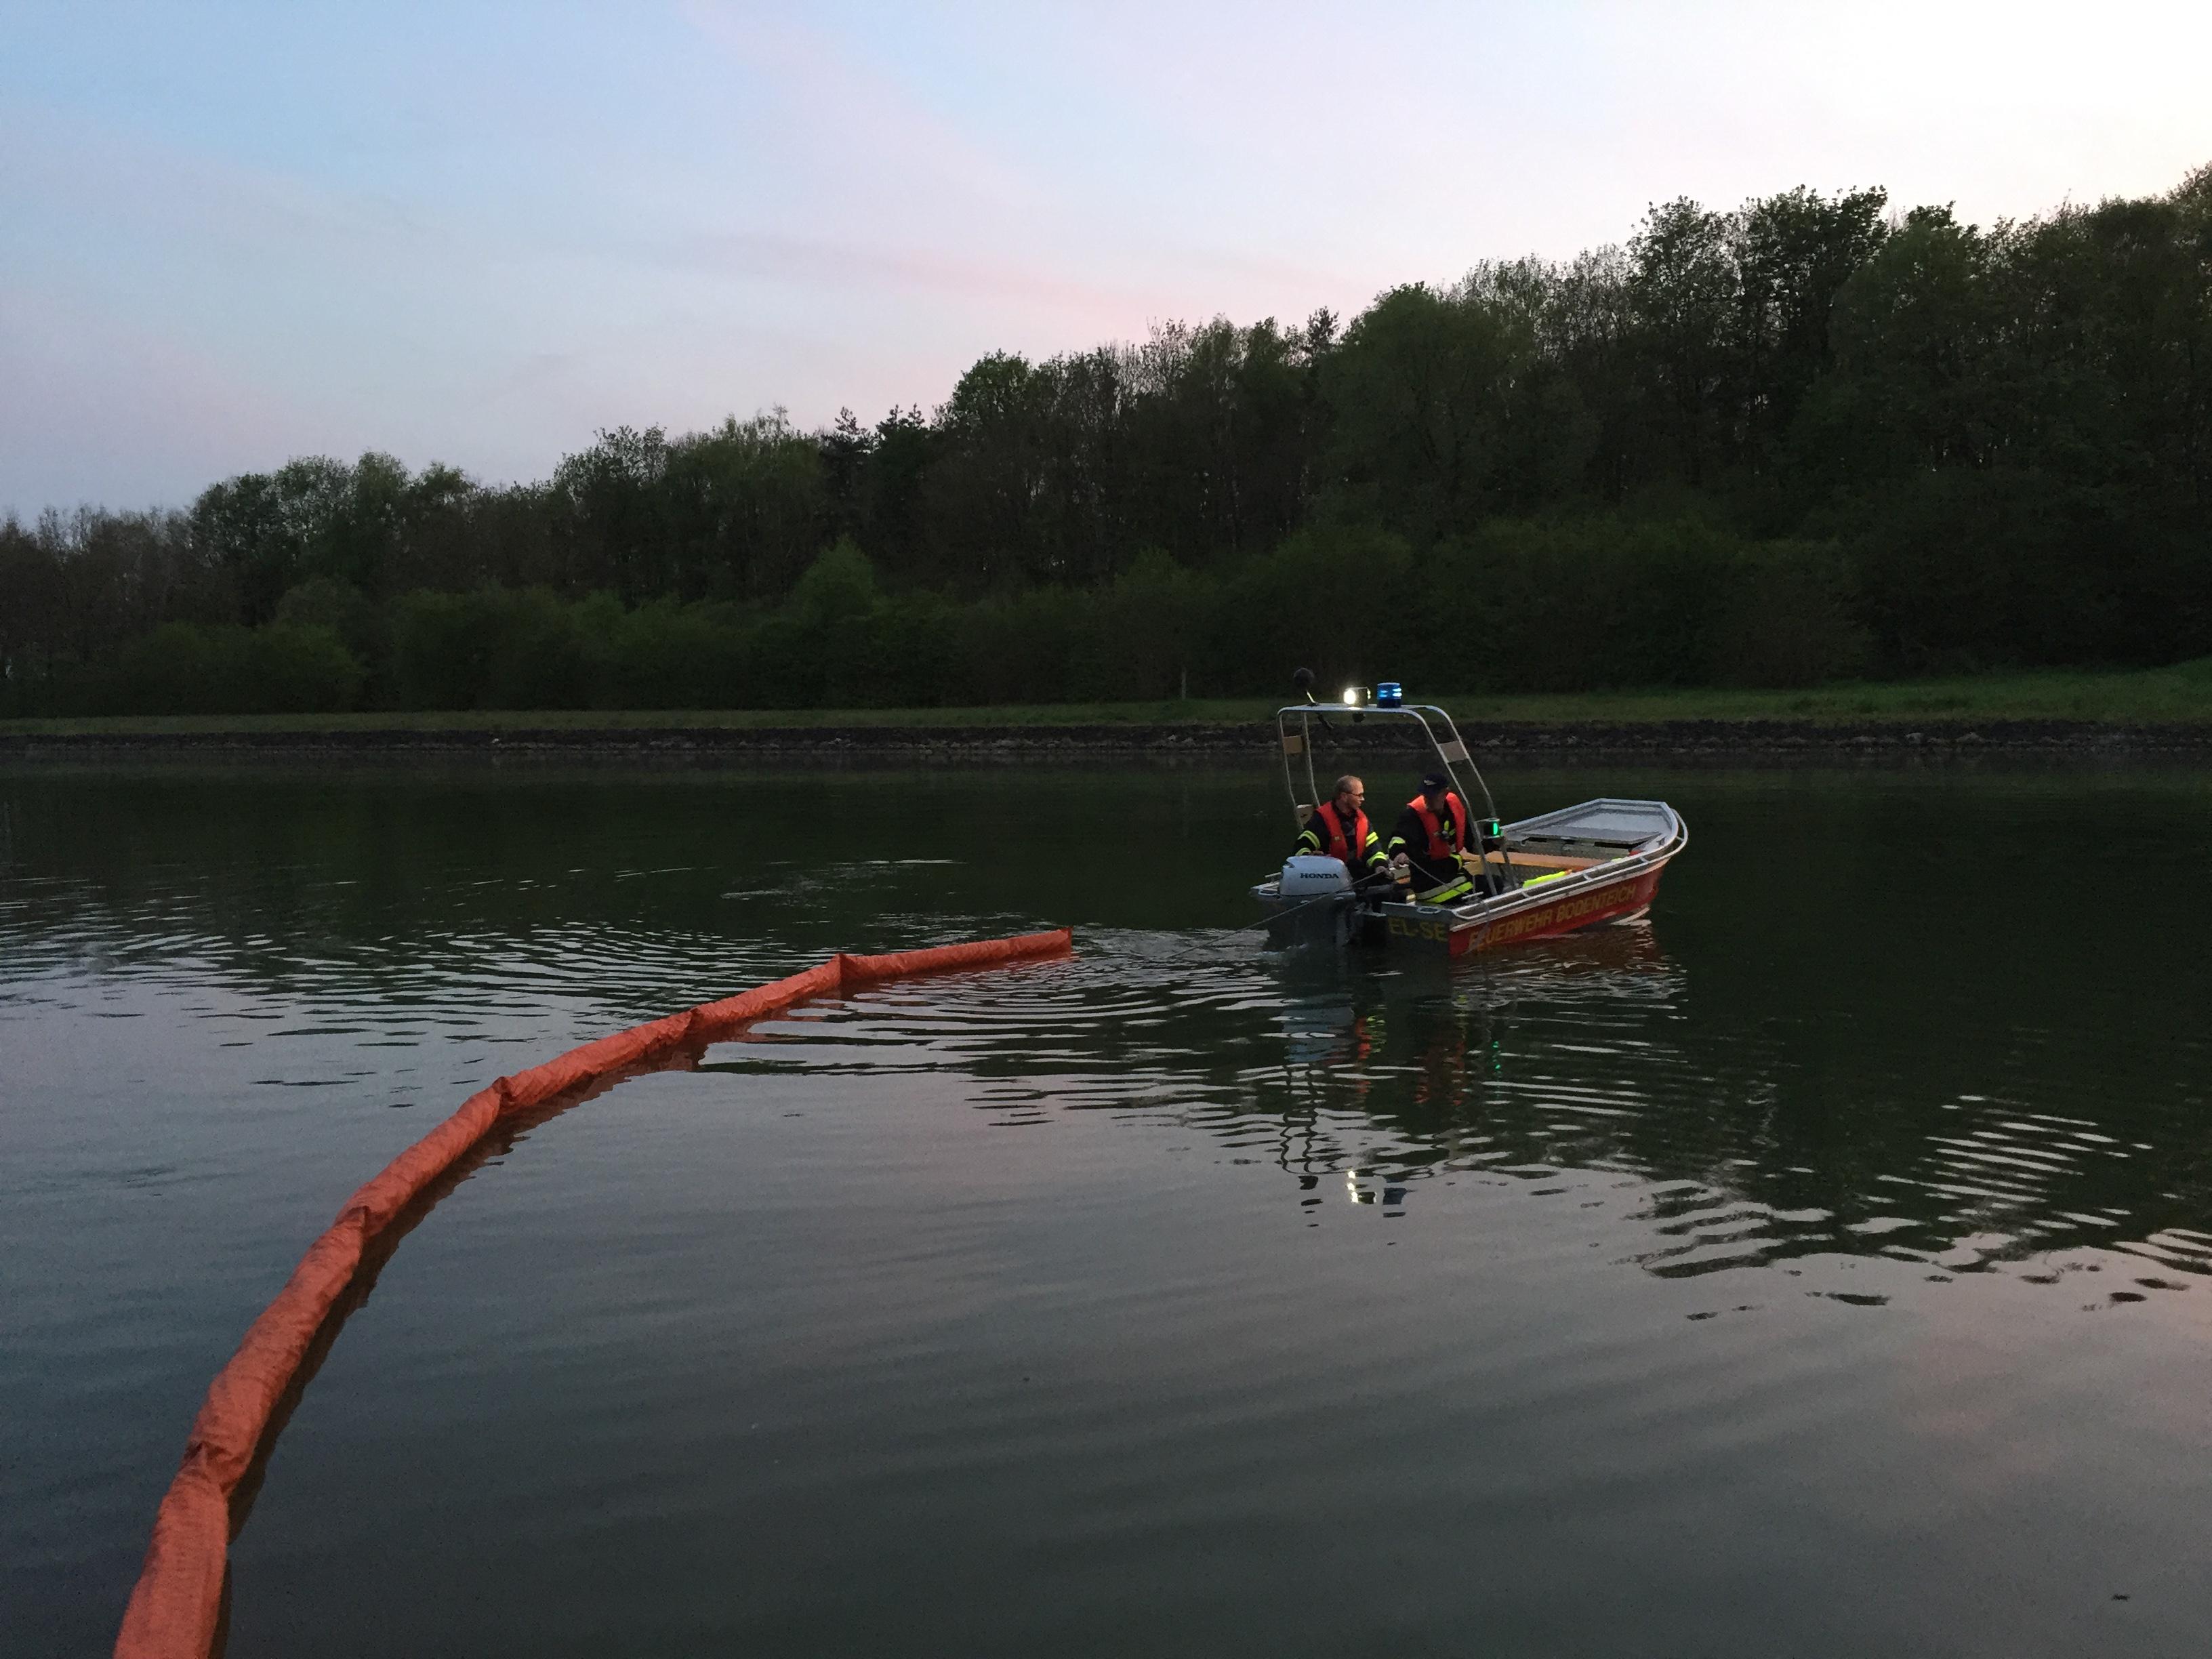 110. Hilfeleistung - Anforderung Ölsperre - Tankschiffhavarie